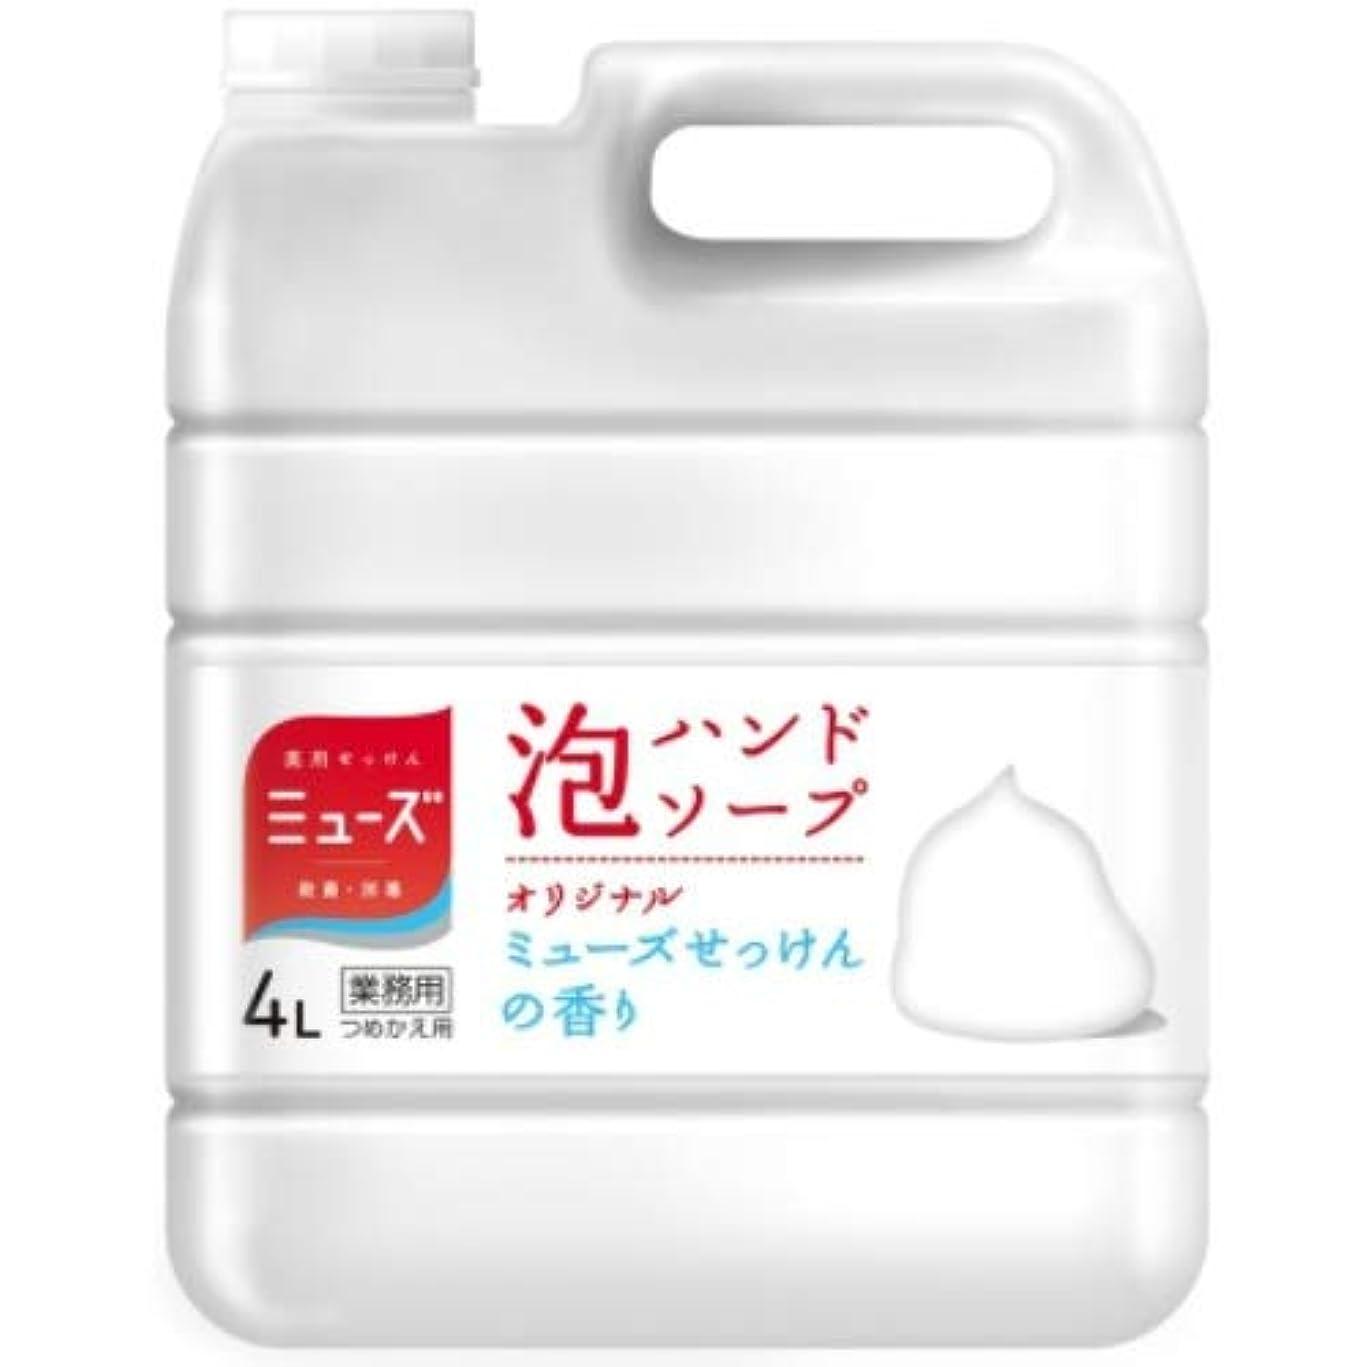 定規リサイクルする蓋【医薬部外品】泡ミューズ オリジナル 4L